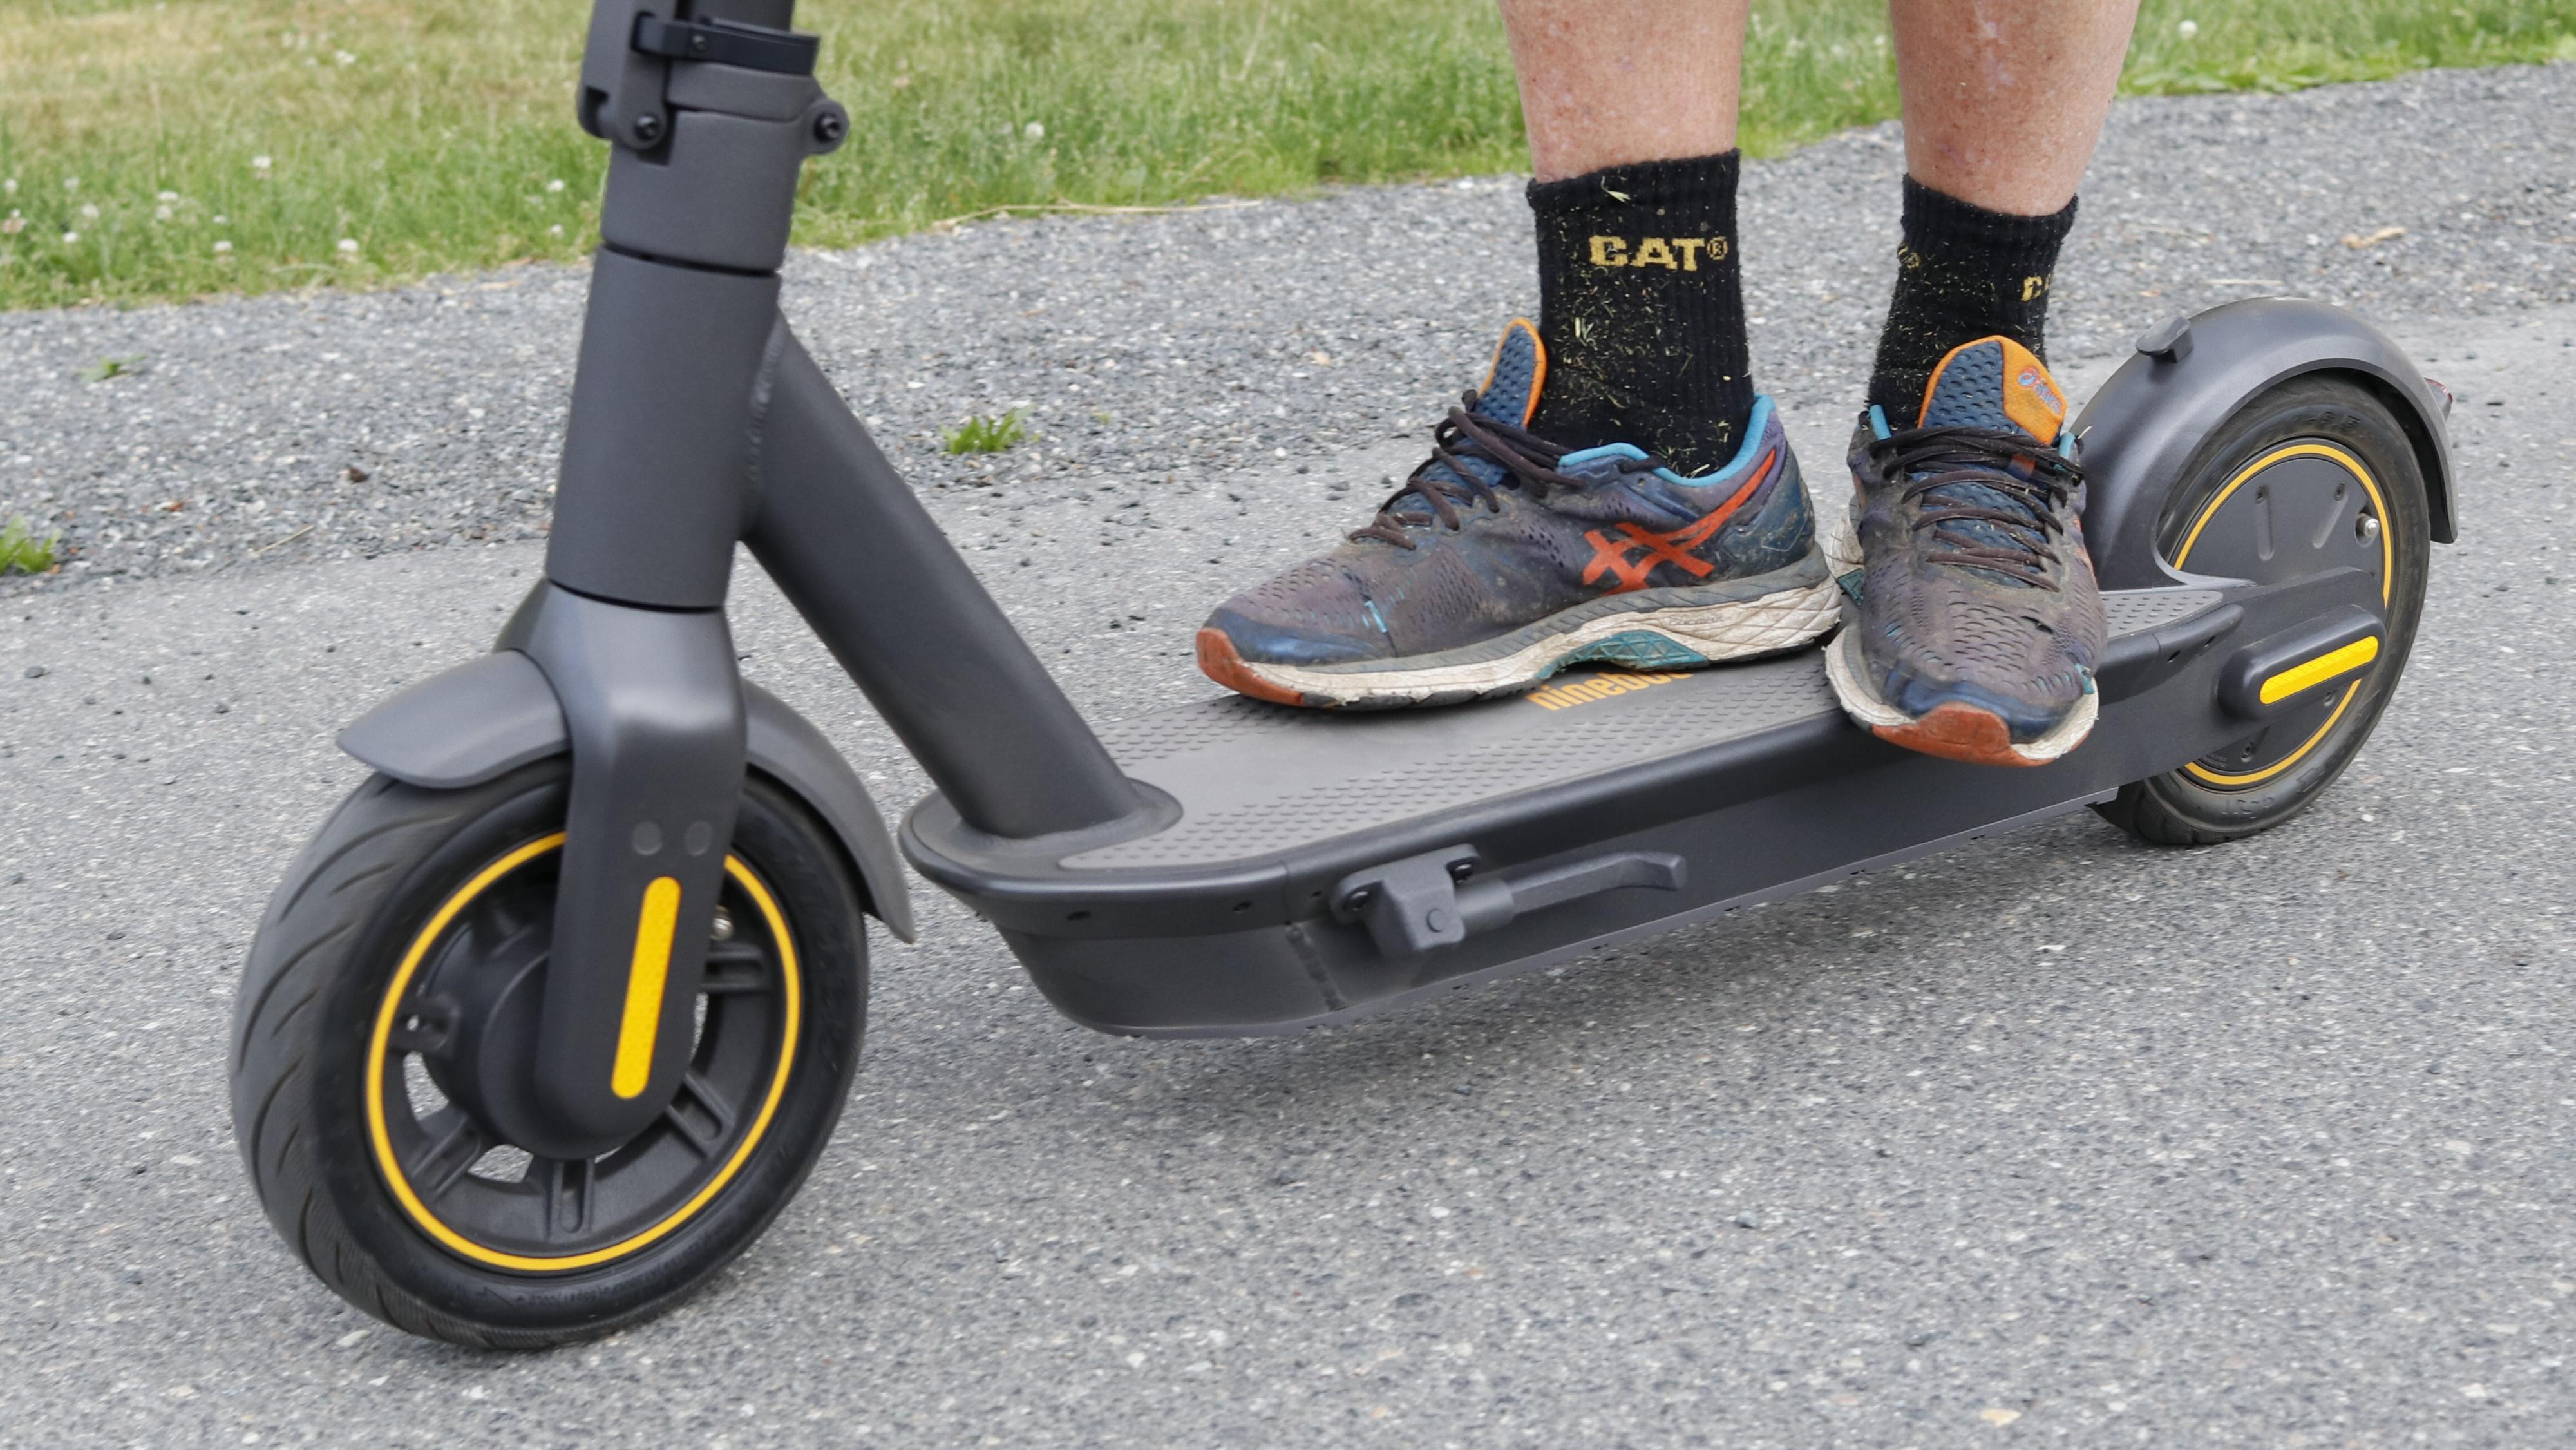 Ninebot Max G30 har store hjul, et kraftig ståbrett og ditto batteri. Det gjør den til en tungvekter på flere måter.